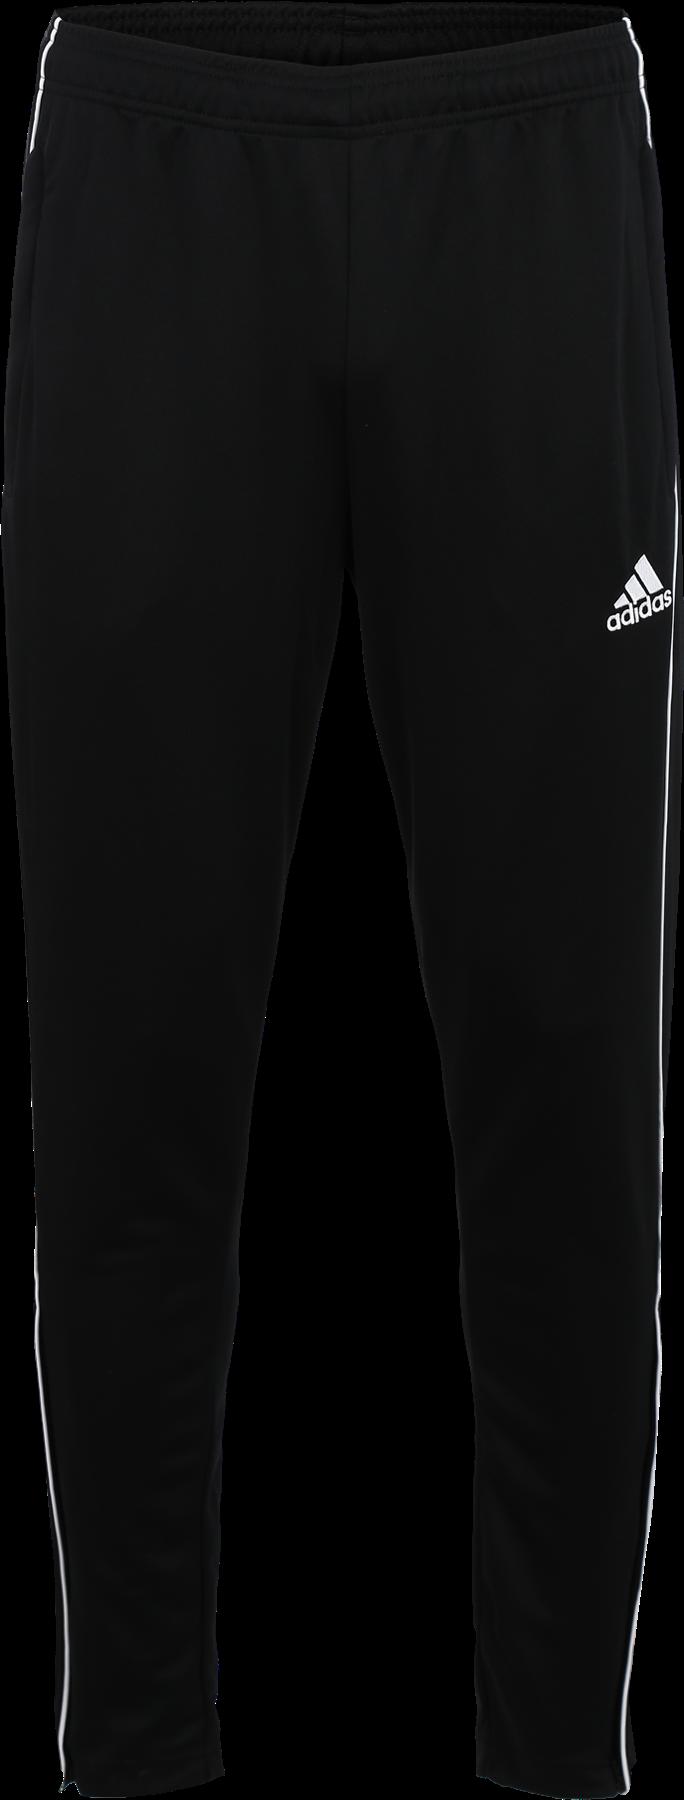 ec4f0426e7def1 Adidas Sporthose Herren kaufen